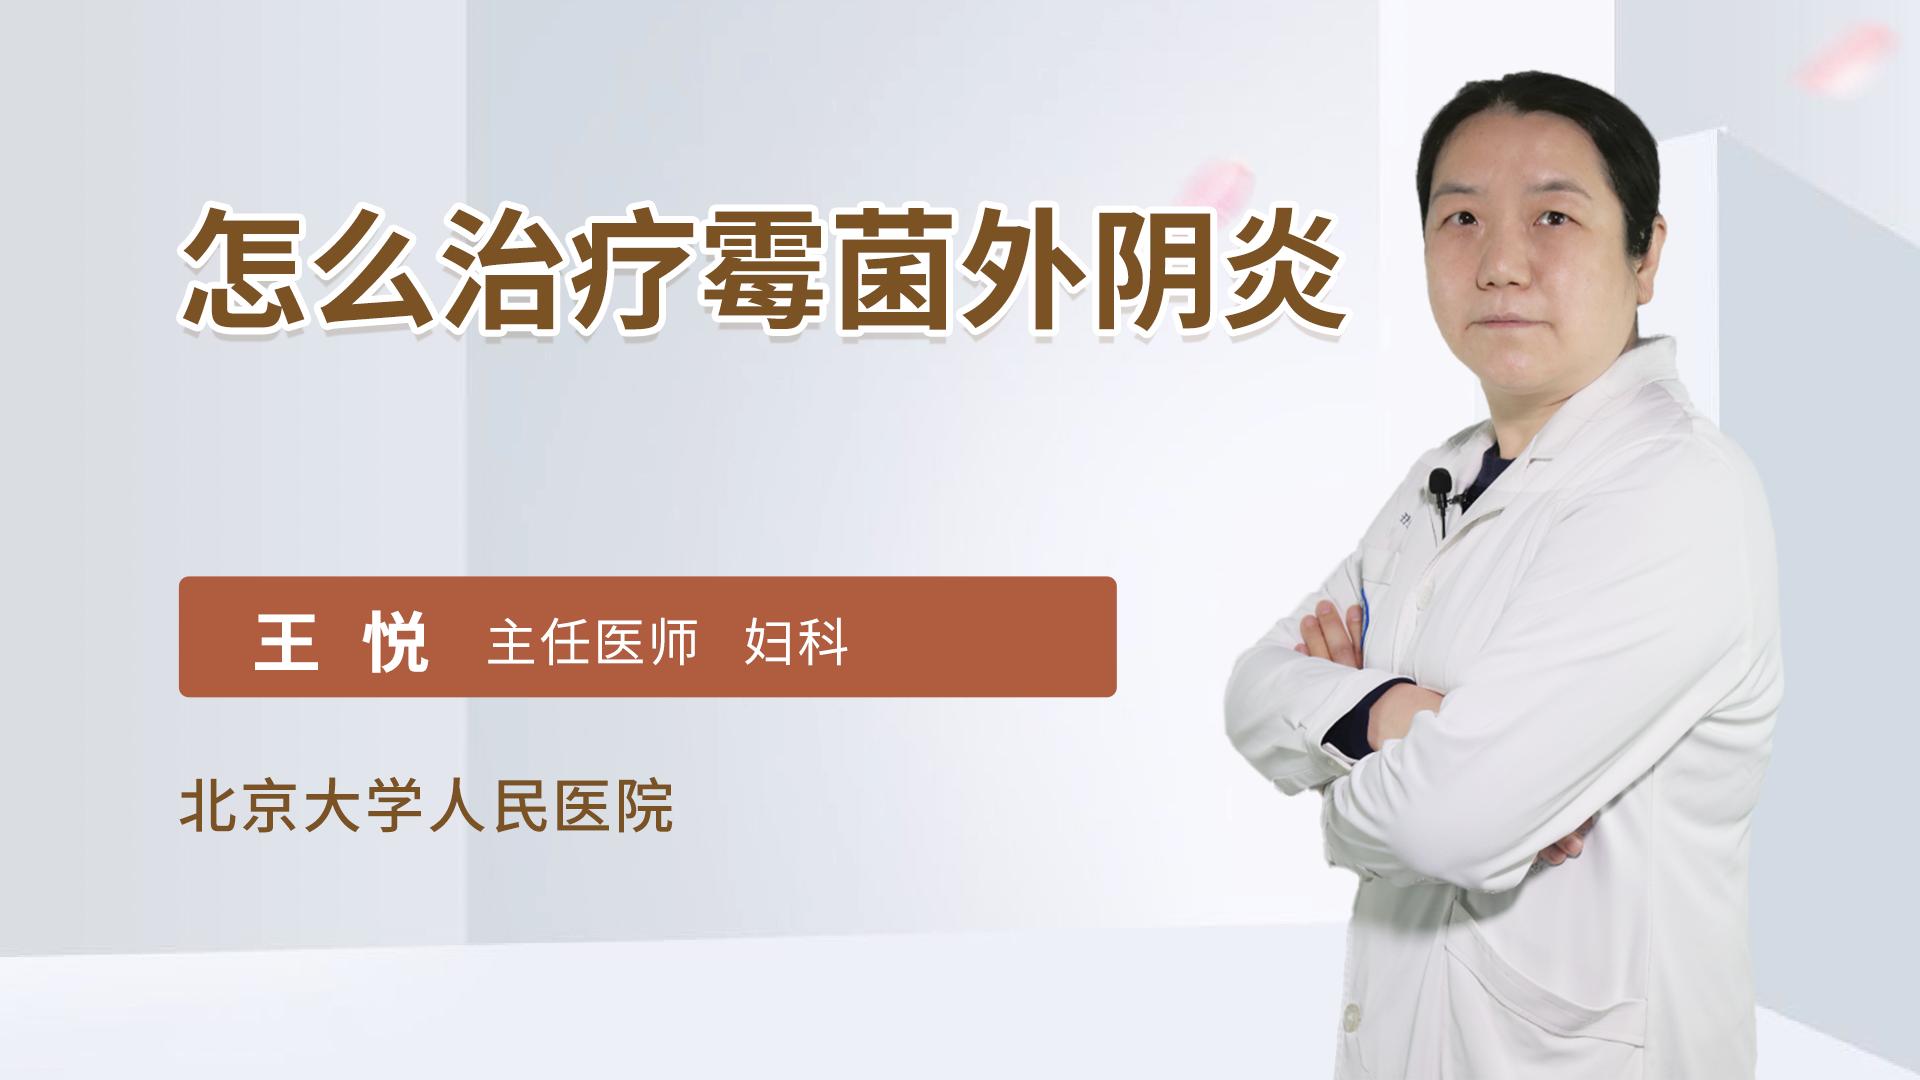 怎么治疗霉菌外阴炎